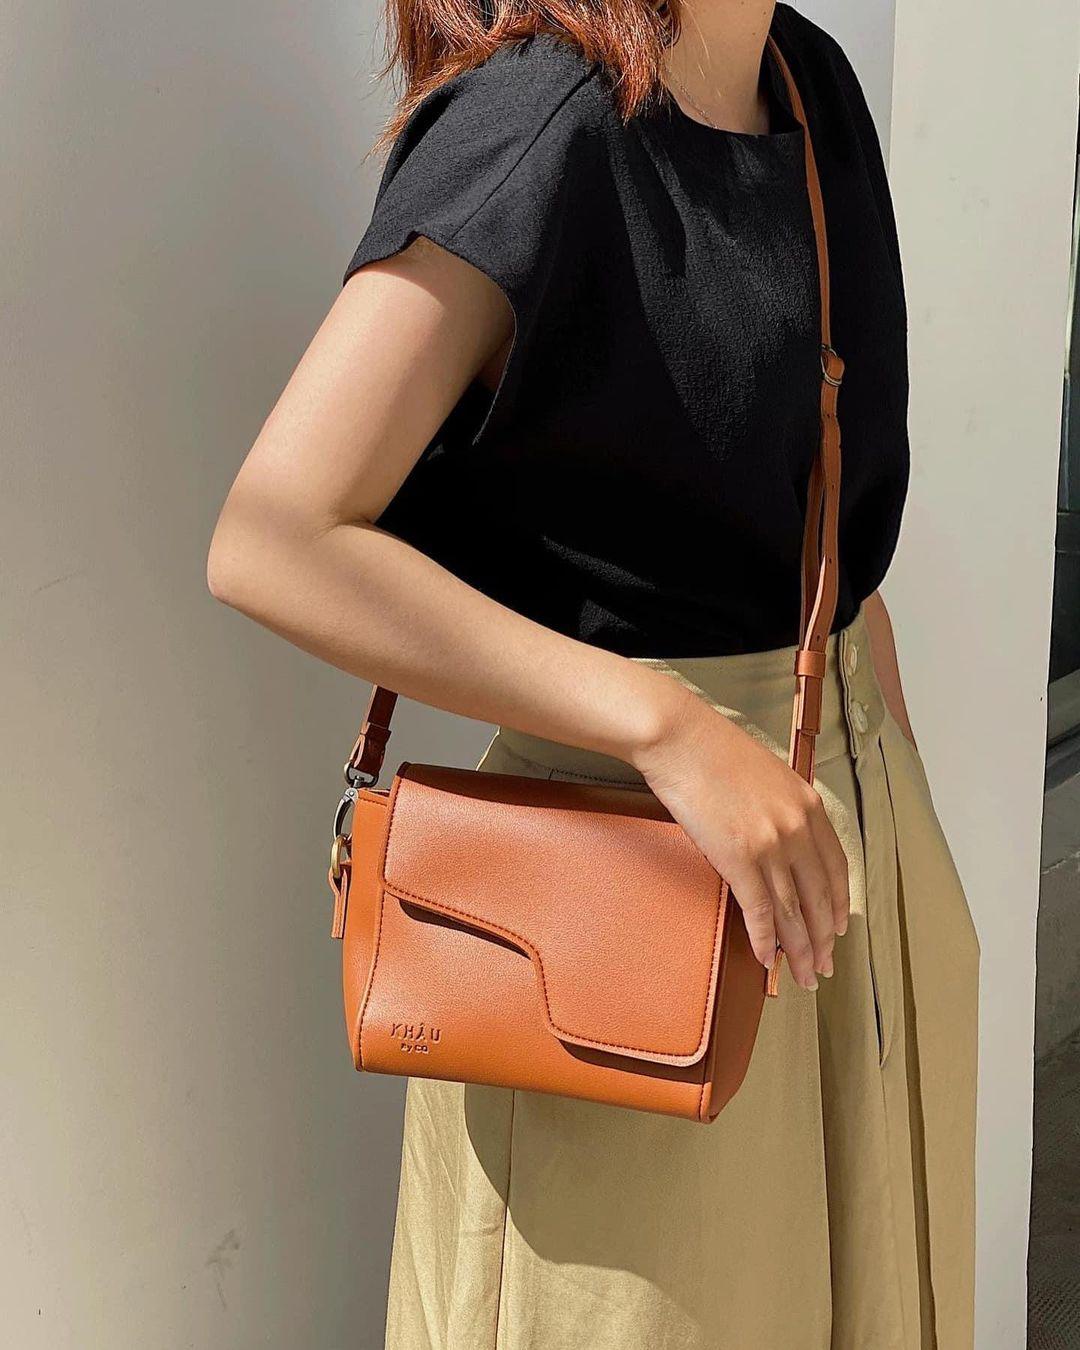 Tổng hợp túi xách rẻ đẹp nhất tại các shop online: Giá chỉ từ 200k mà toàn kiểu trendy sang chảnh - Ảnh 10.